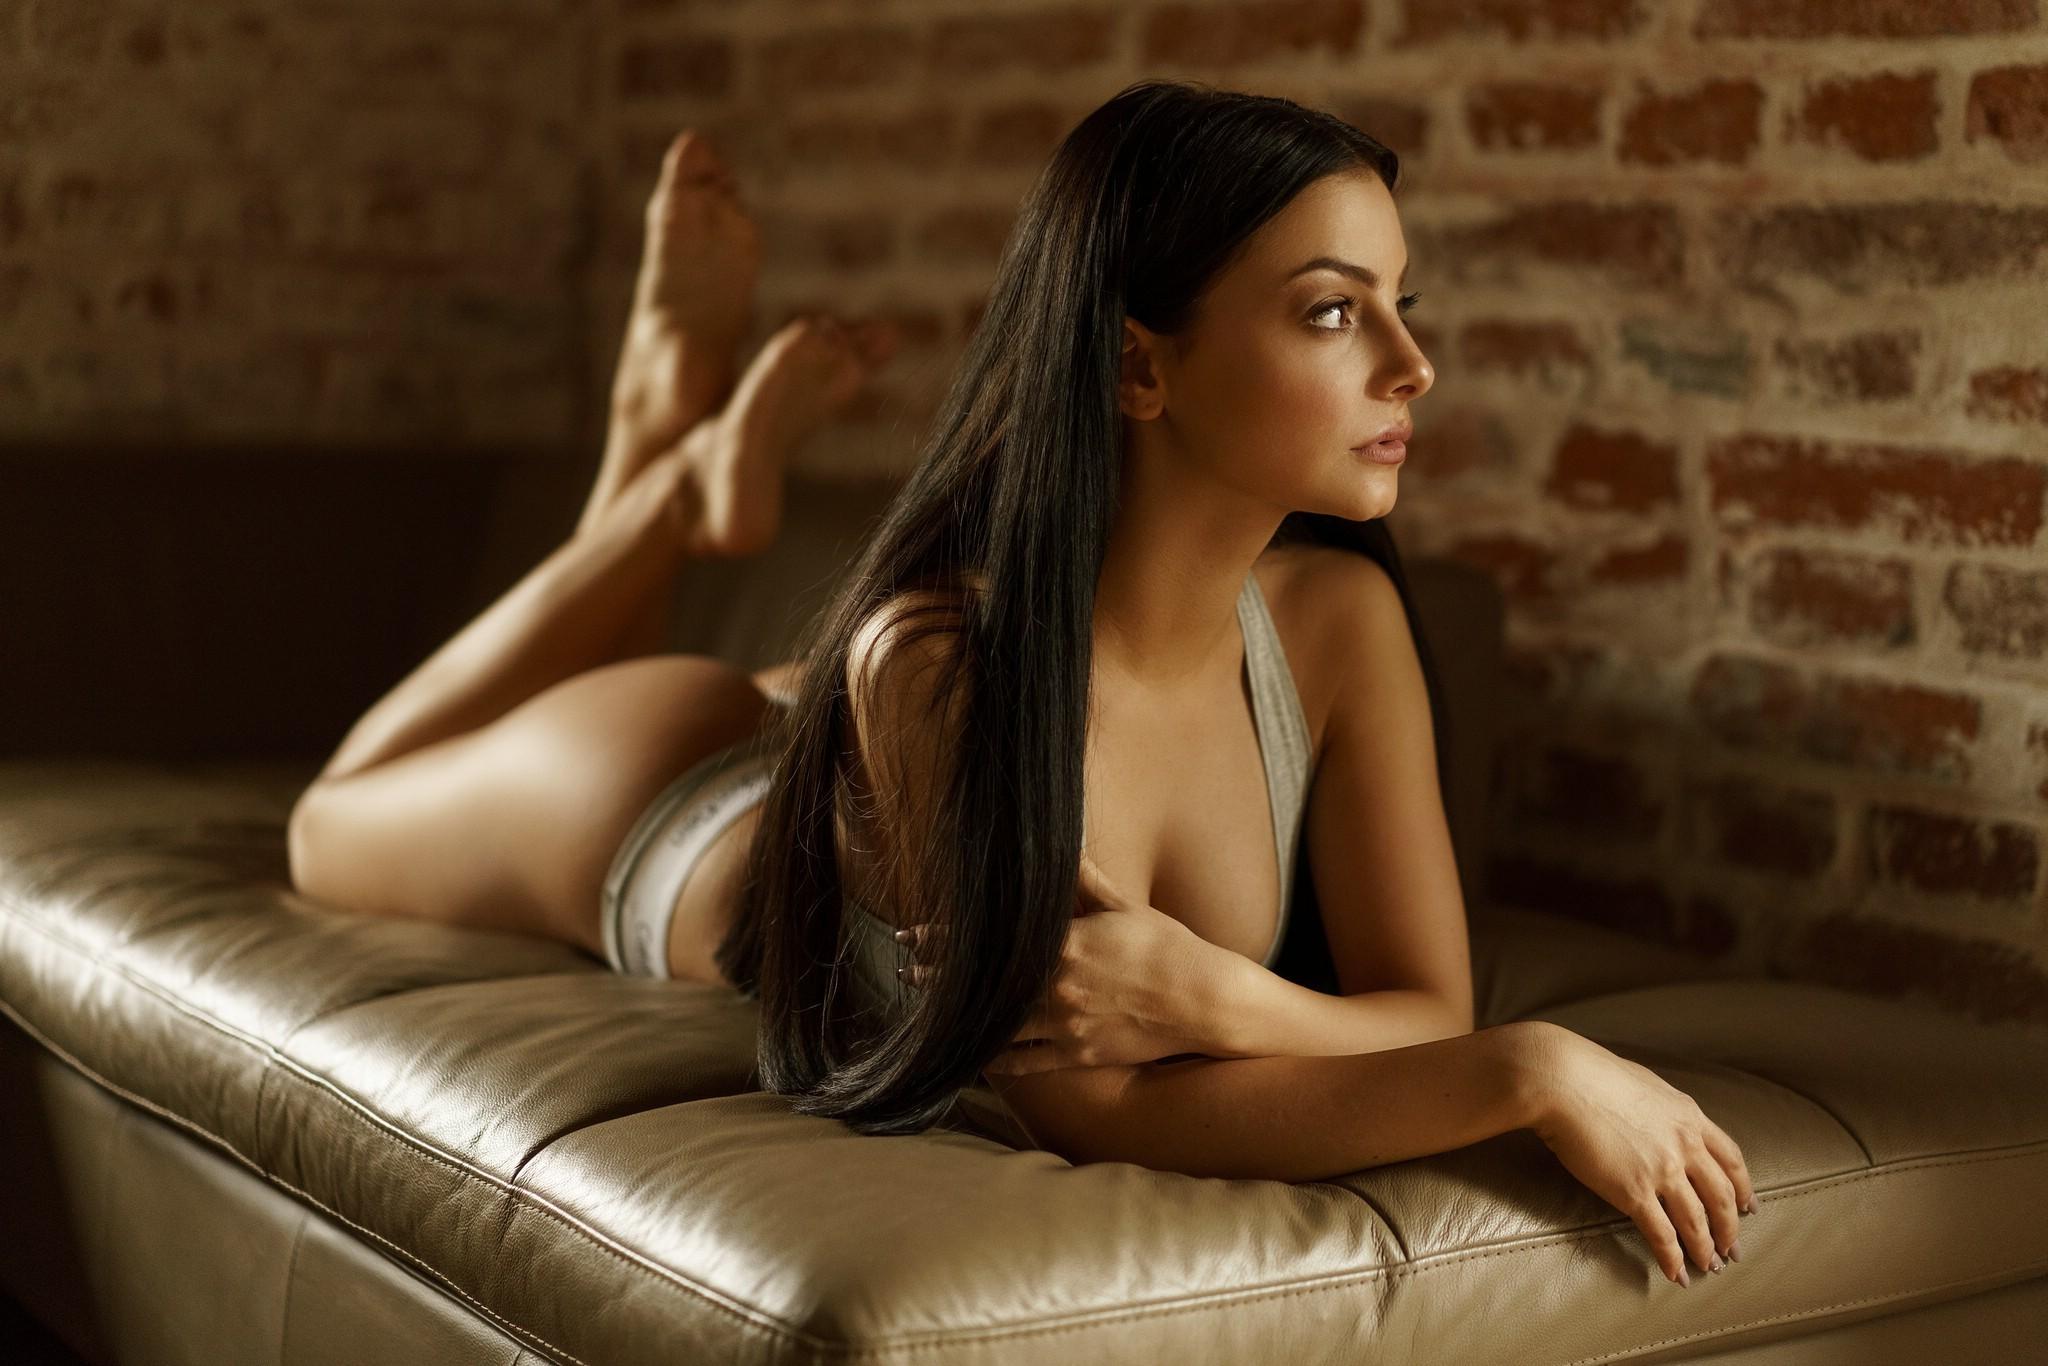 Wallpaper  Women, Looking Away, Long Hair, Brunette, Ass -2791